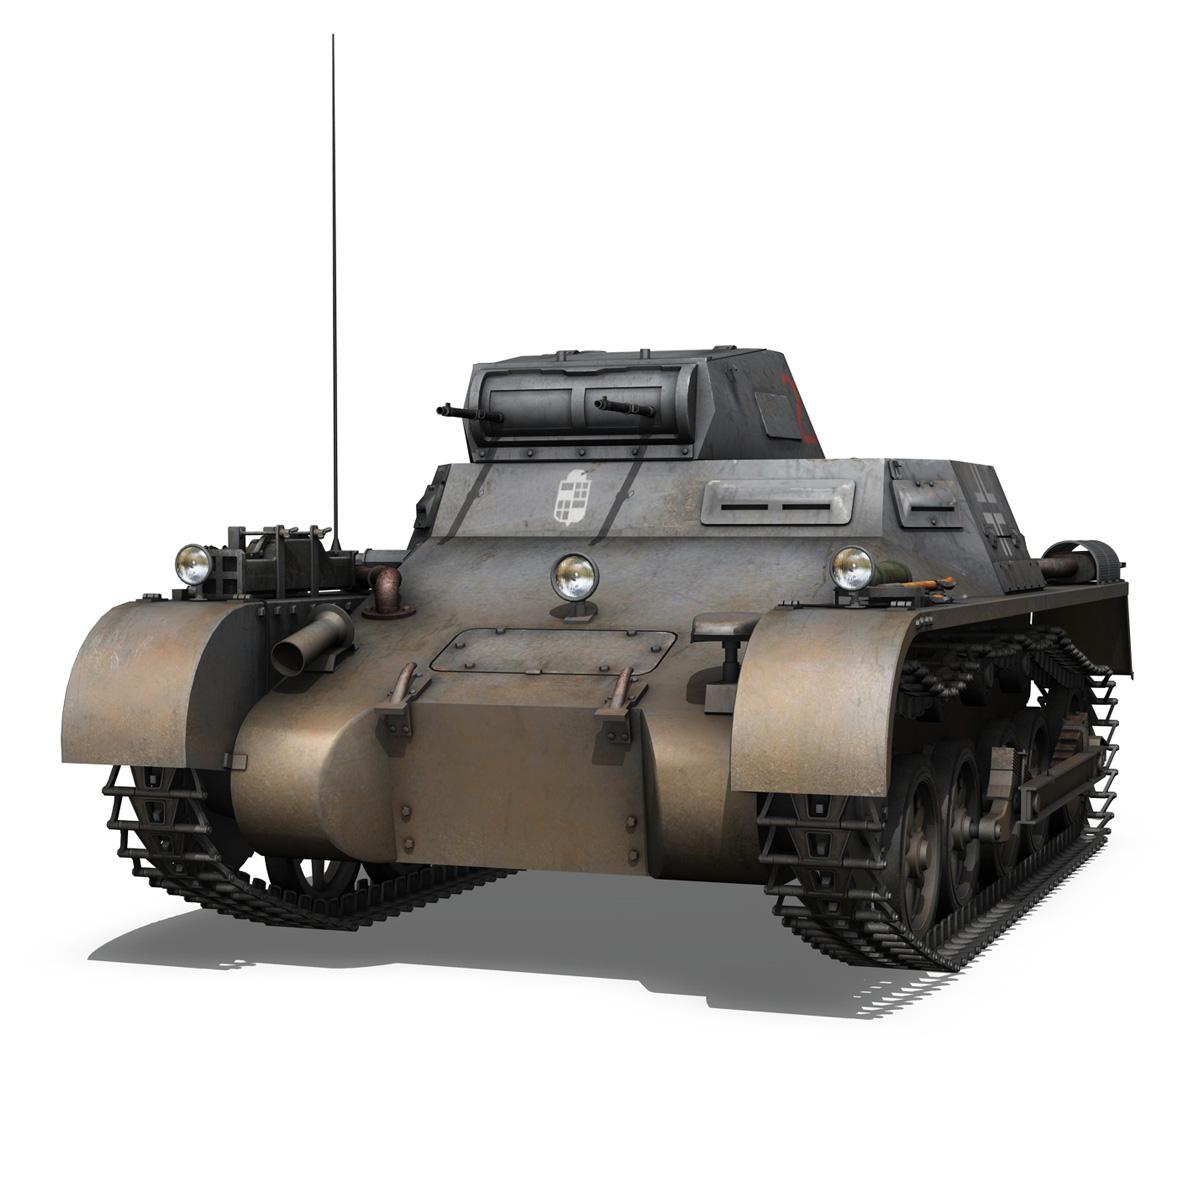 pzkpfw 1 - panzer 1 - ausf. a - Model 224 3d 3ds fbx c4d lwo obj 195073